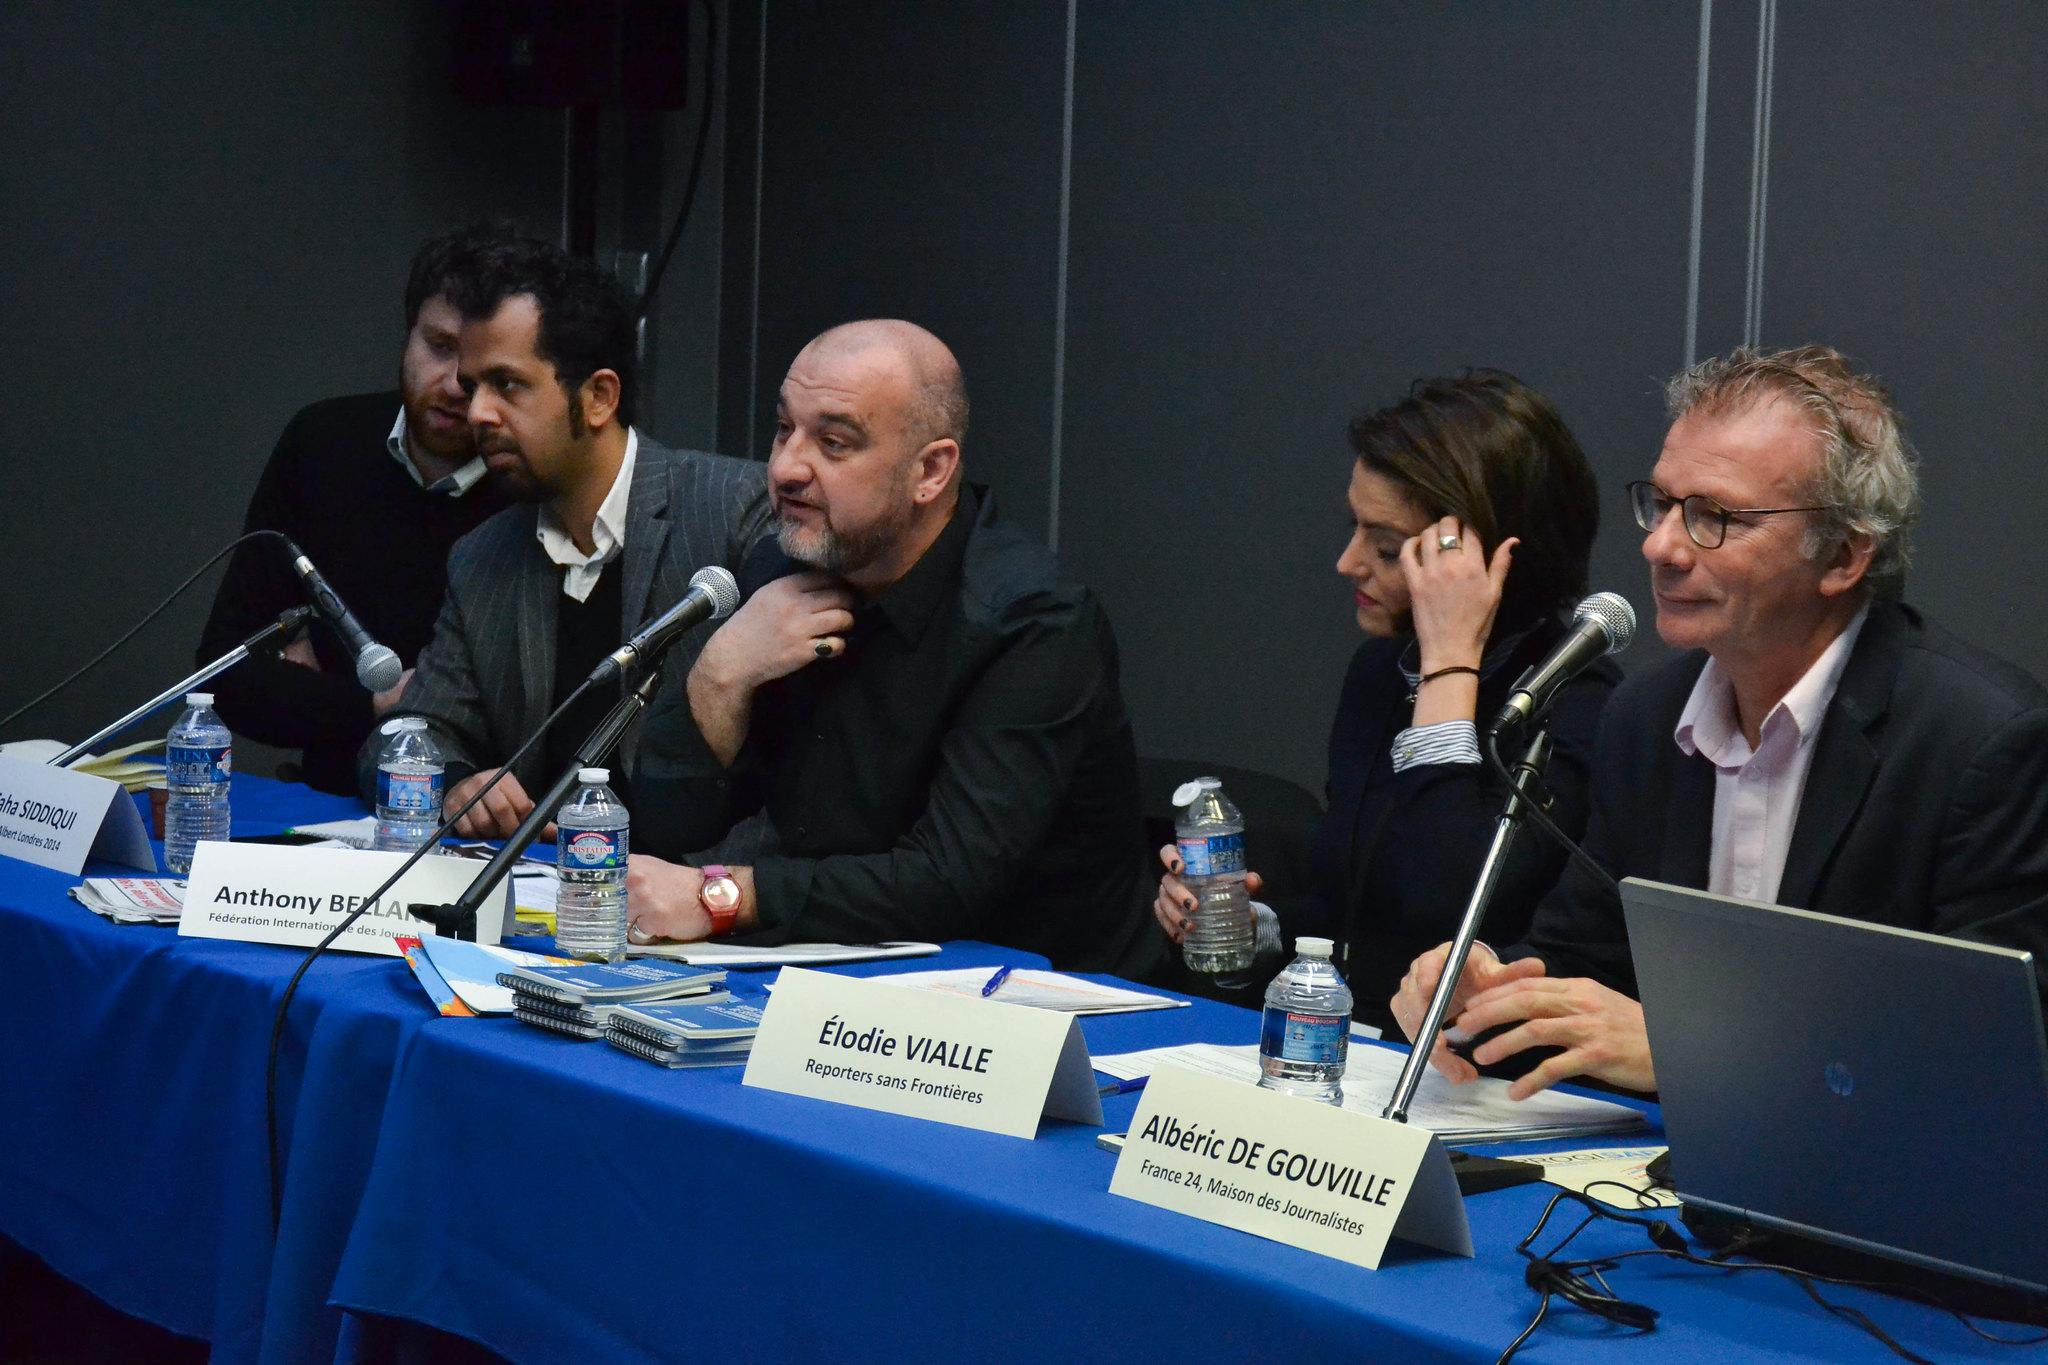 Les professionnels débattent sur la sécurité de l'information et des sources. Photo : Clara Gaillot